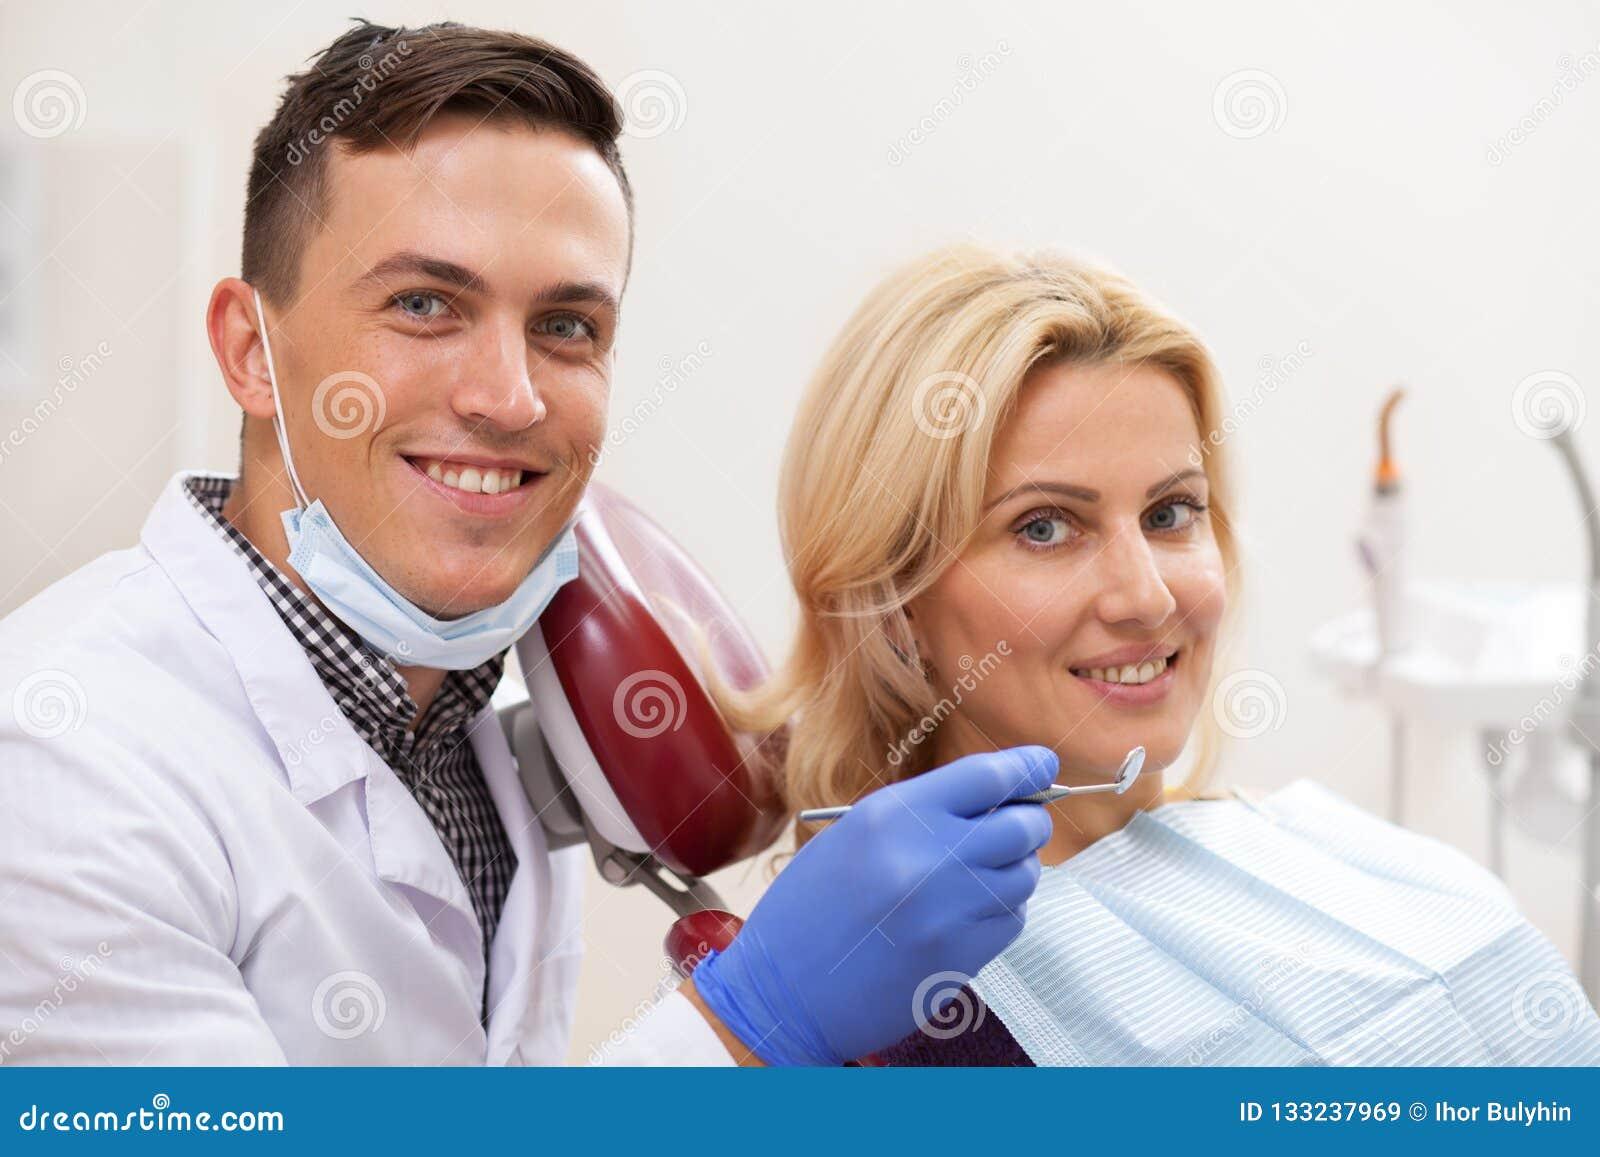 Επαγγελματικός οδοντίατρος που εργάζεται στην οδοντική κλινική του